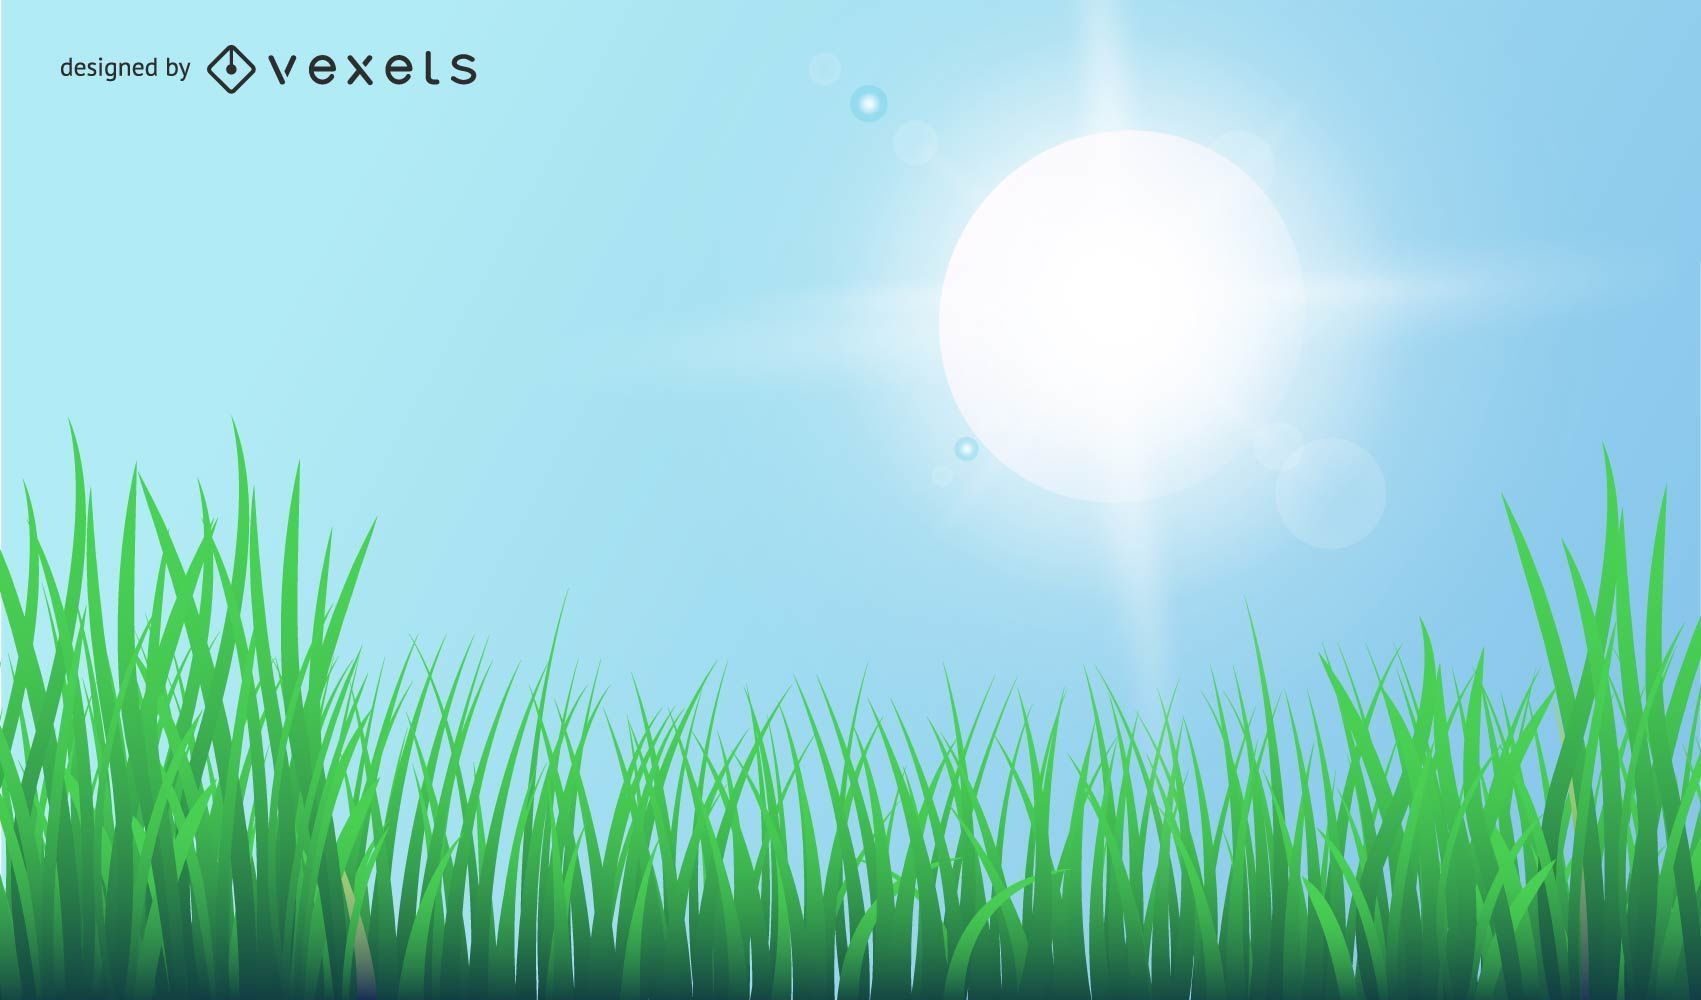 Grass with light